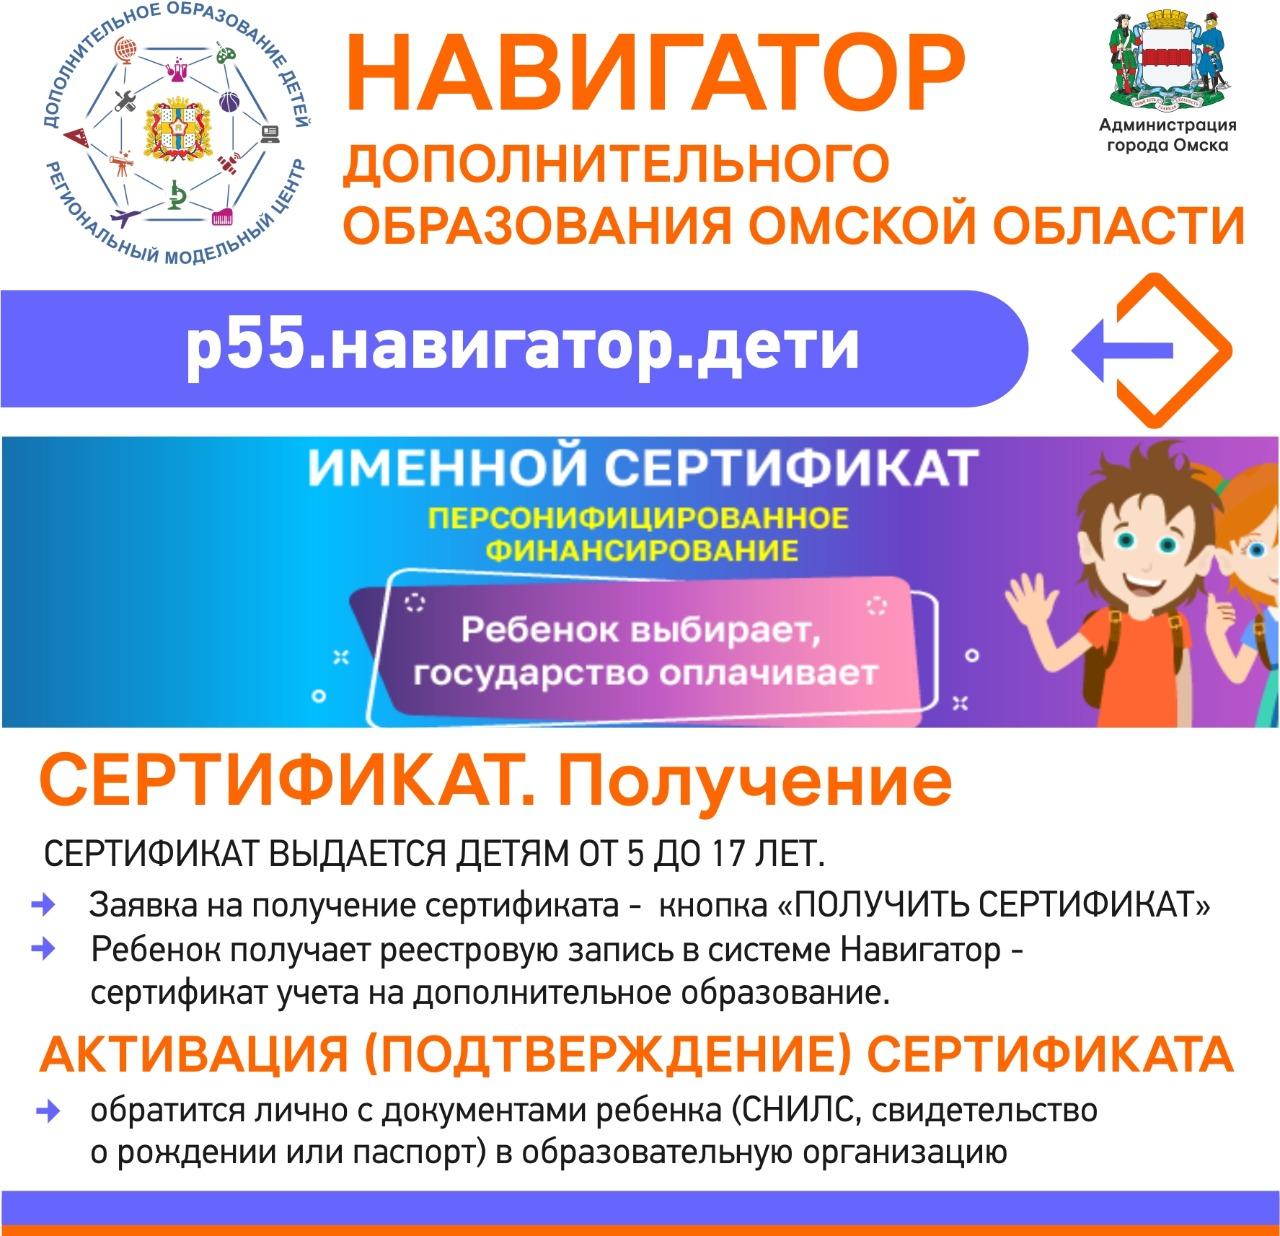 Навигатор дополнительного образования для детей — сертификат на оплату кружков и секций ?